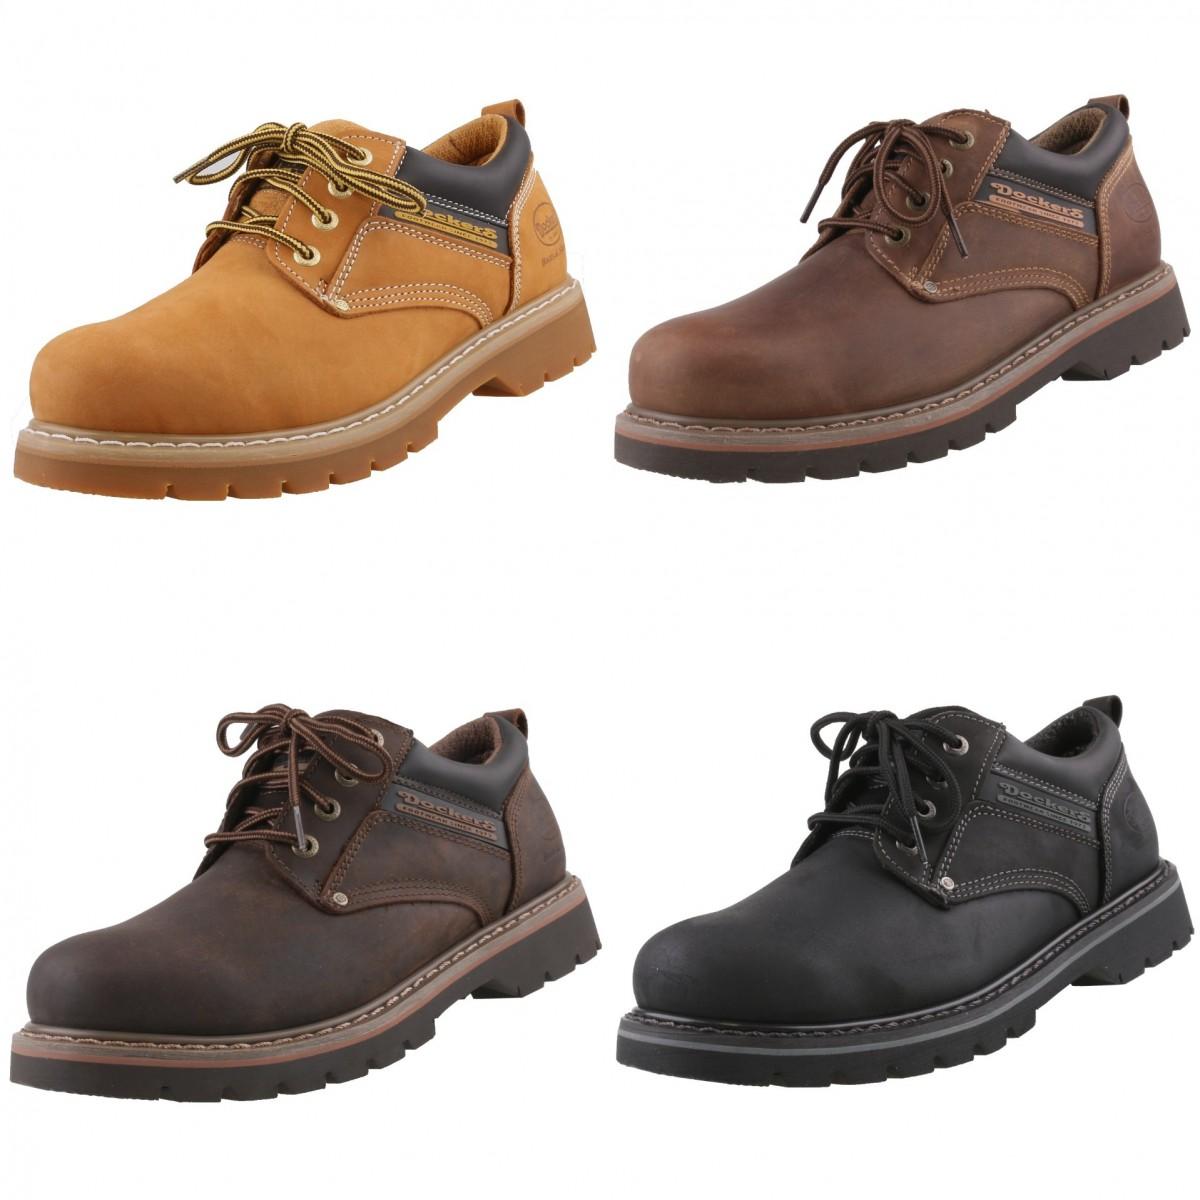 Details zu DOCKERS rahmengenähte Herrenschuhe Boots Leder Schuhe Halbschuhe Schnürschuhe